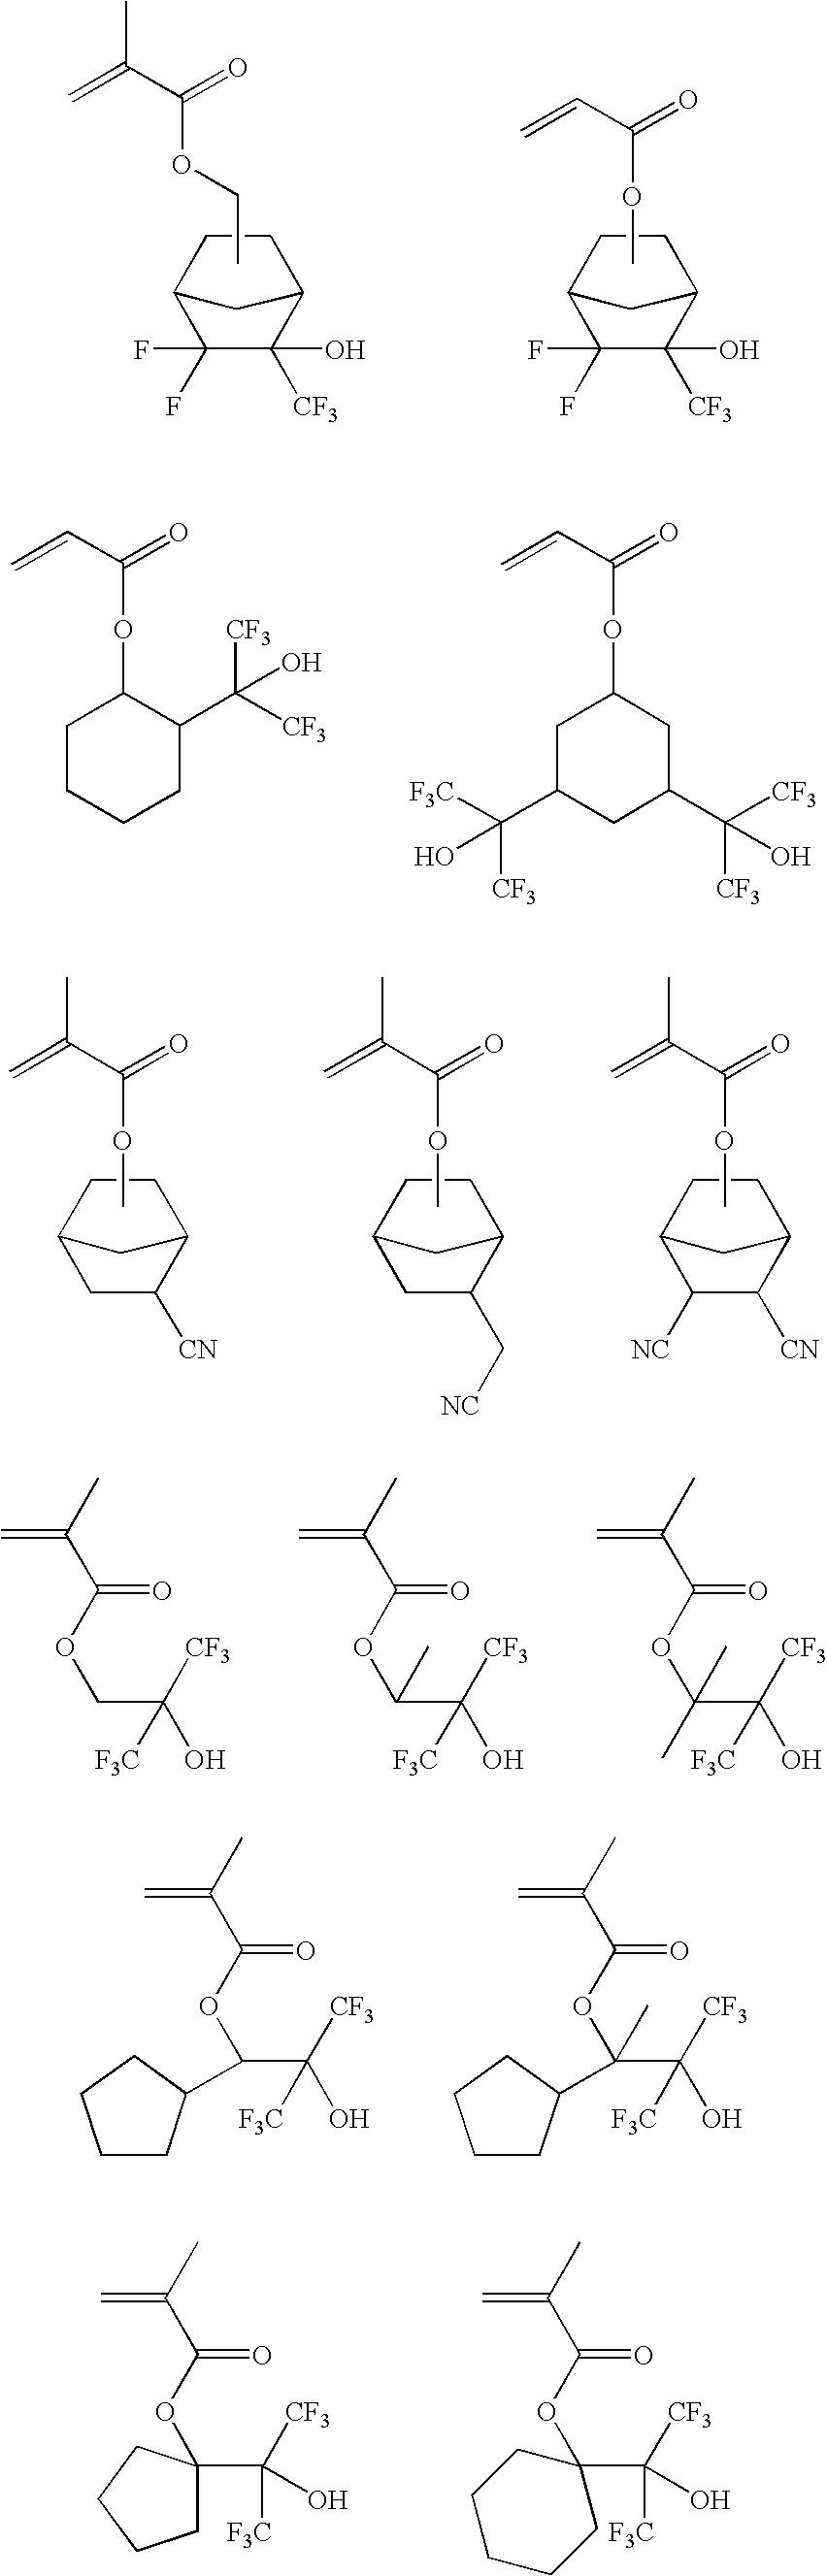 Figure US20100178617A1-20100715-C00039